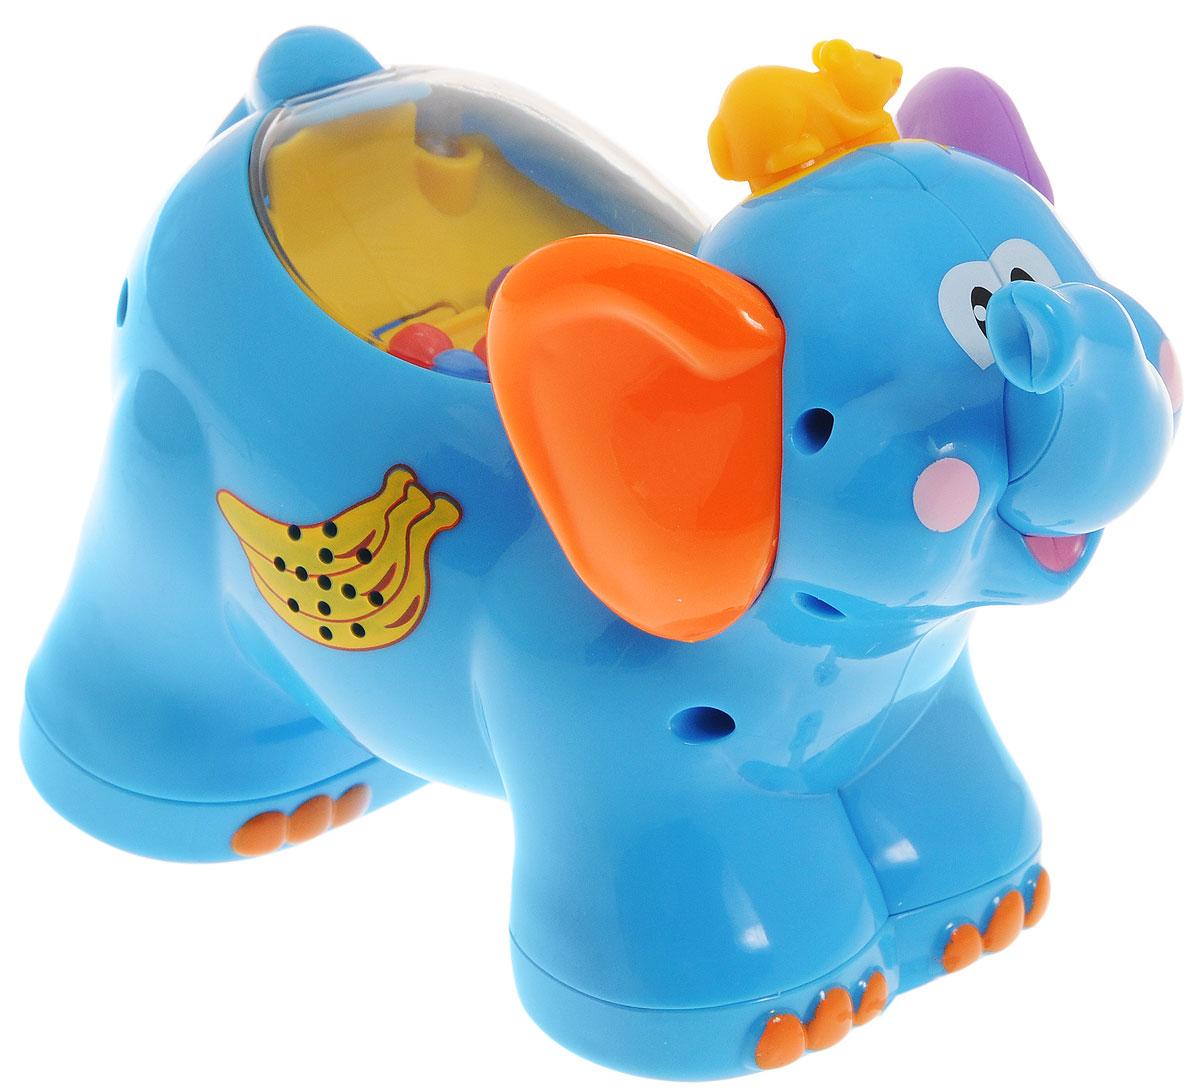 Kiddieland Развивающая игрушка-каталка СлоникKID 051698Развивающая игрушка-каталка Kiddieland Слоник понравится вашему ребенку и не позволит ему скучать. Игрушка выполнена в виде симпатичного слоненка с мышкой, сидящей у него на голове. При нажатии на мышку и движении колесиков звучит веселая музыка, периодически раздается крик слона. Игрушка оснащена колесиками с инерционным ходом: достаточно немного отвести игрушку назад и отпустить - она тут же поедет вперед. На спине игрушки под прозрачным колпаком находятся разноцветные шарики, которые приводятся в движение внутренним колесиком при вращении задних колес игрушки. Игрушка-каталка Kiddieland Слоненок поможет малышу в развитии цветового и звукового восприятия, мелкой моторики рук, координации движений, когнитивных навыков. Для работы игрушки необходимы 3 батарейки напряжением 1,5 V типа AG13 (LR44) (товар комплектуется демонстрационными).